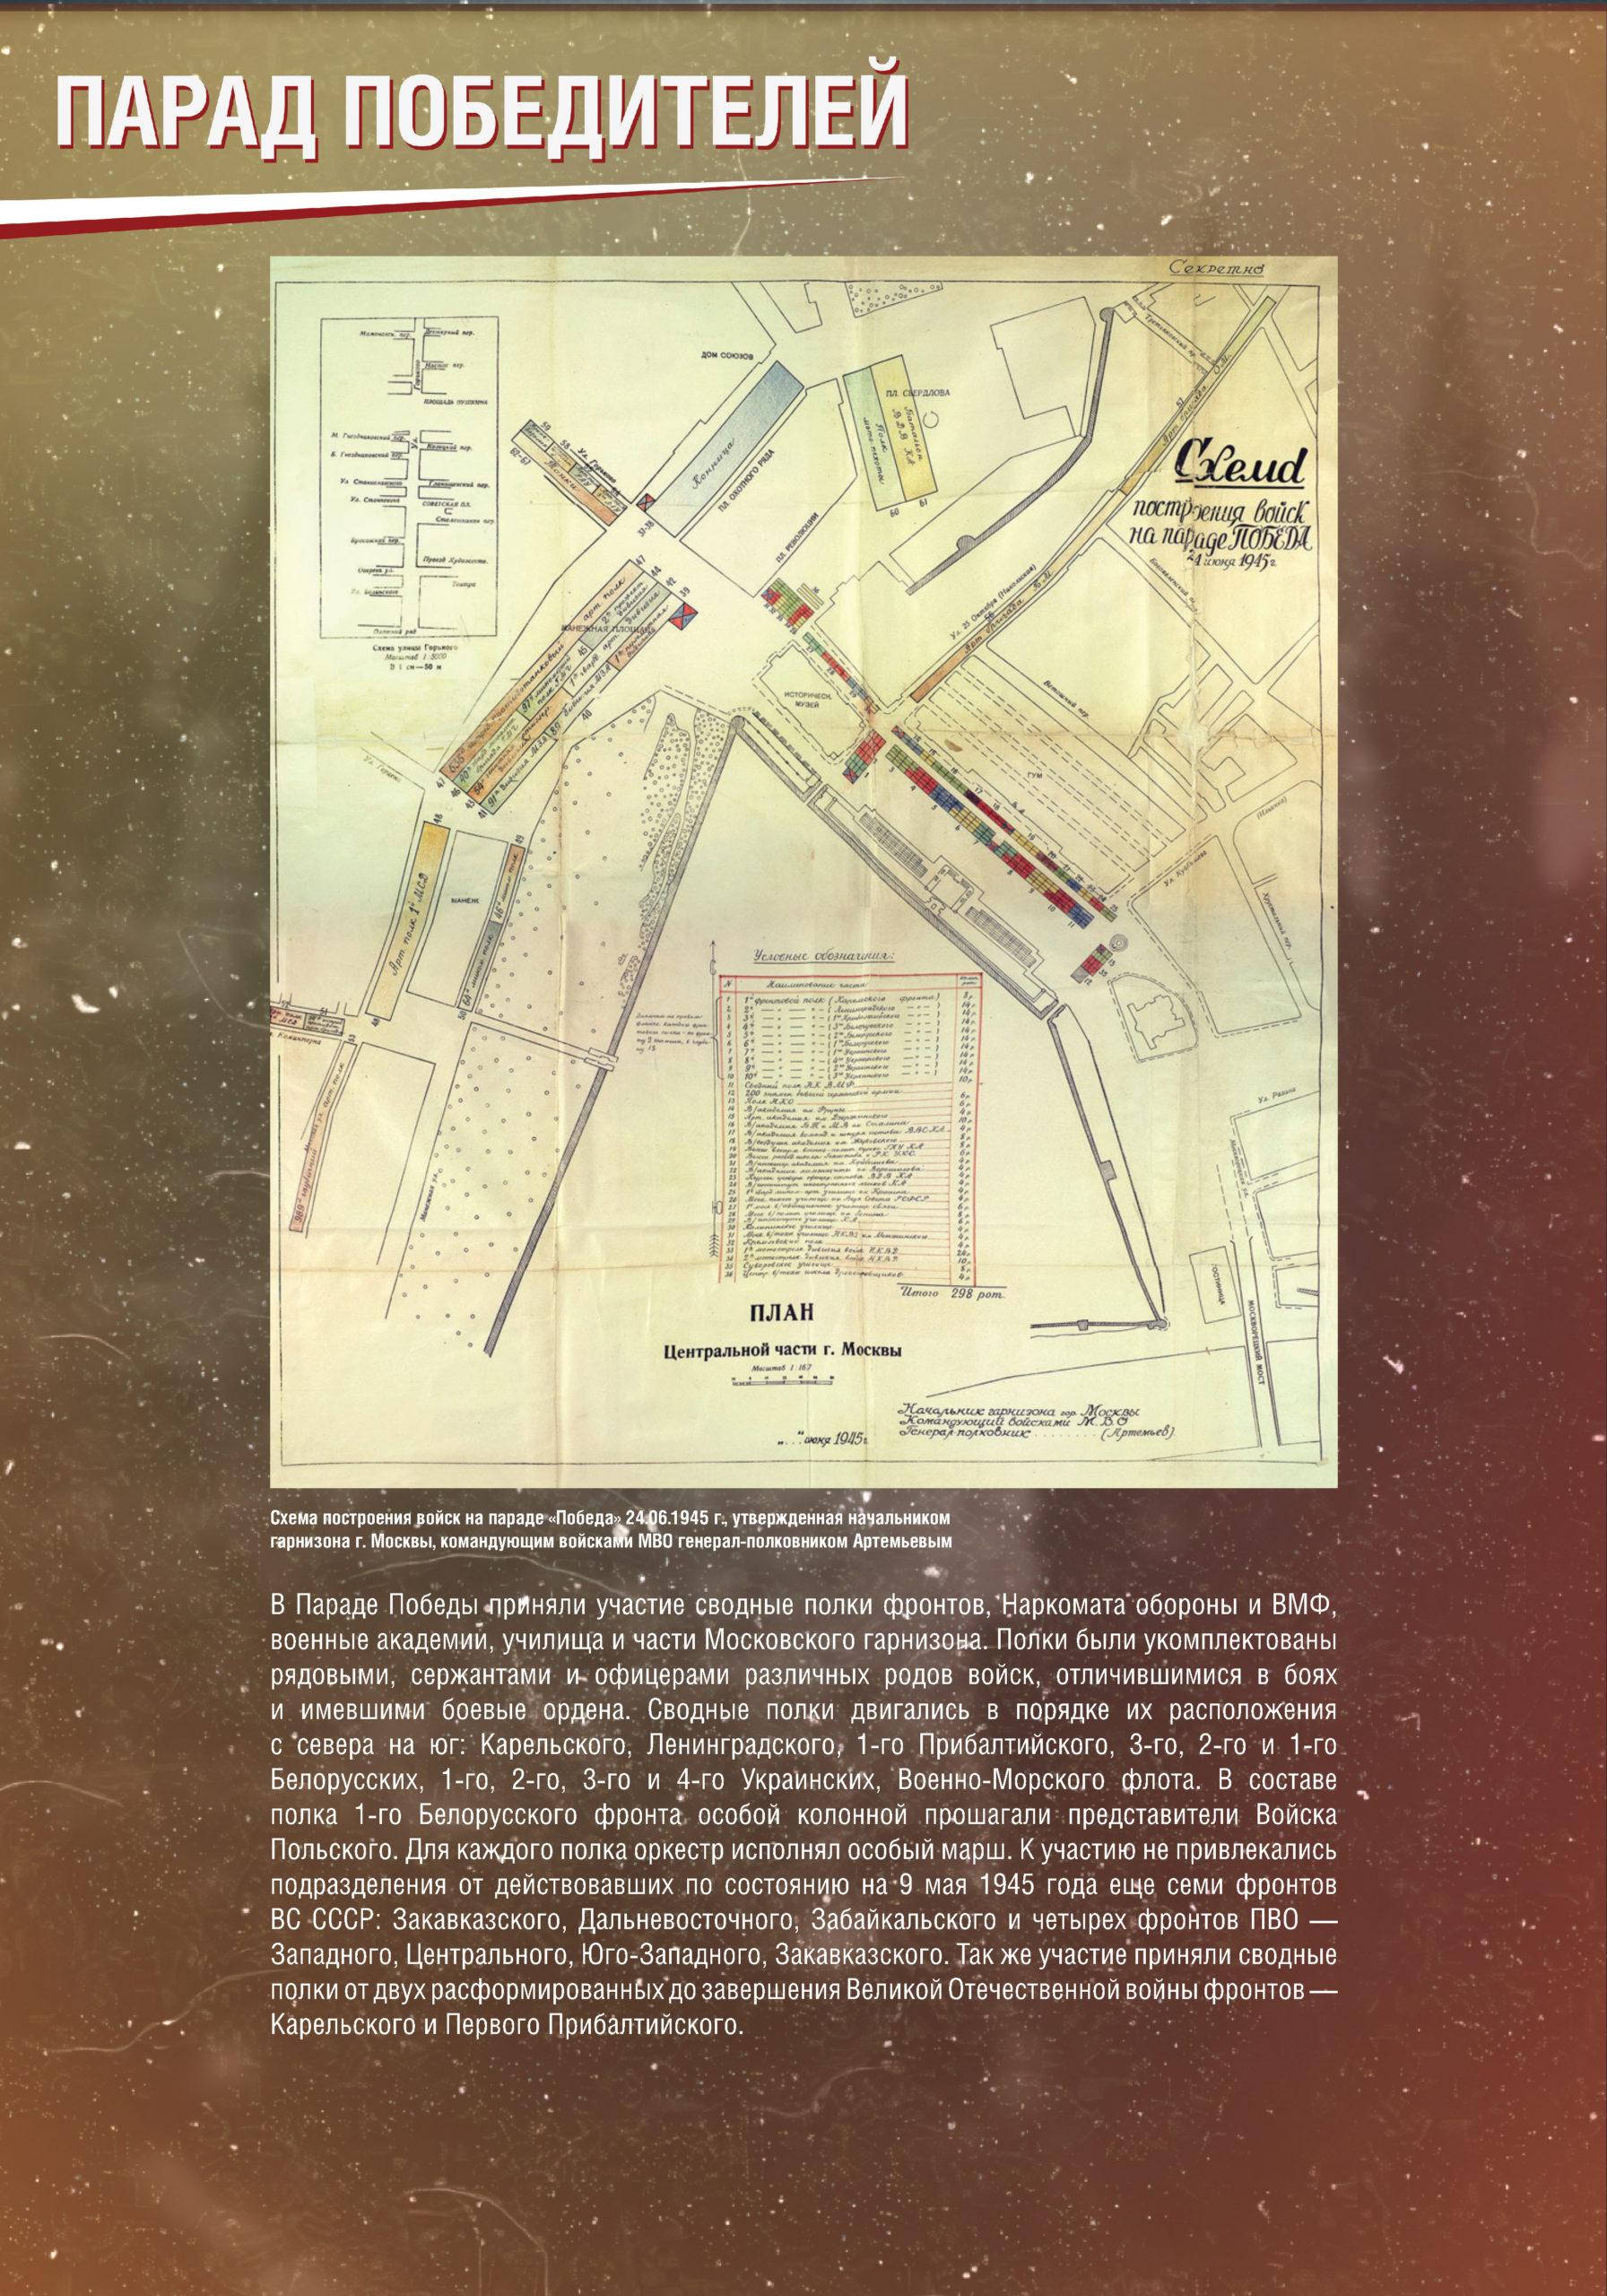 parad_pobediteley_1906_Page20